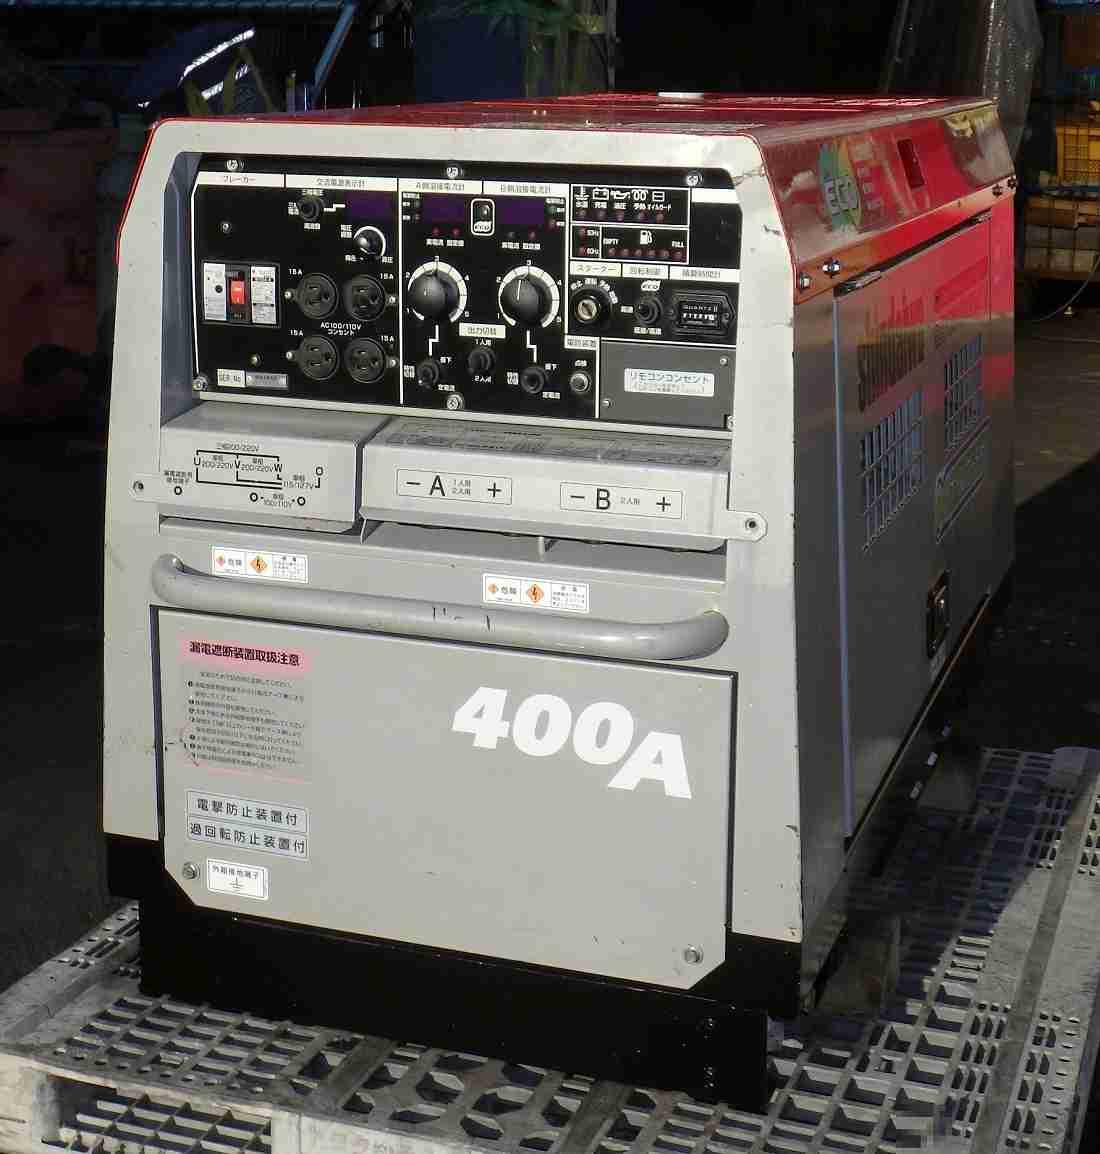 [2人同時溶接可] 新ダイワ ウェルダー DGW400DMC 発電機兼用溶接機/ディーゼルエンジンウェルダー/アーク溶接機 [φ8.0mm可/防音型/使用少]買取しました!